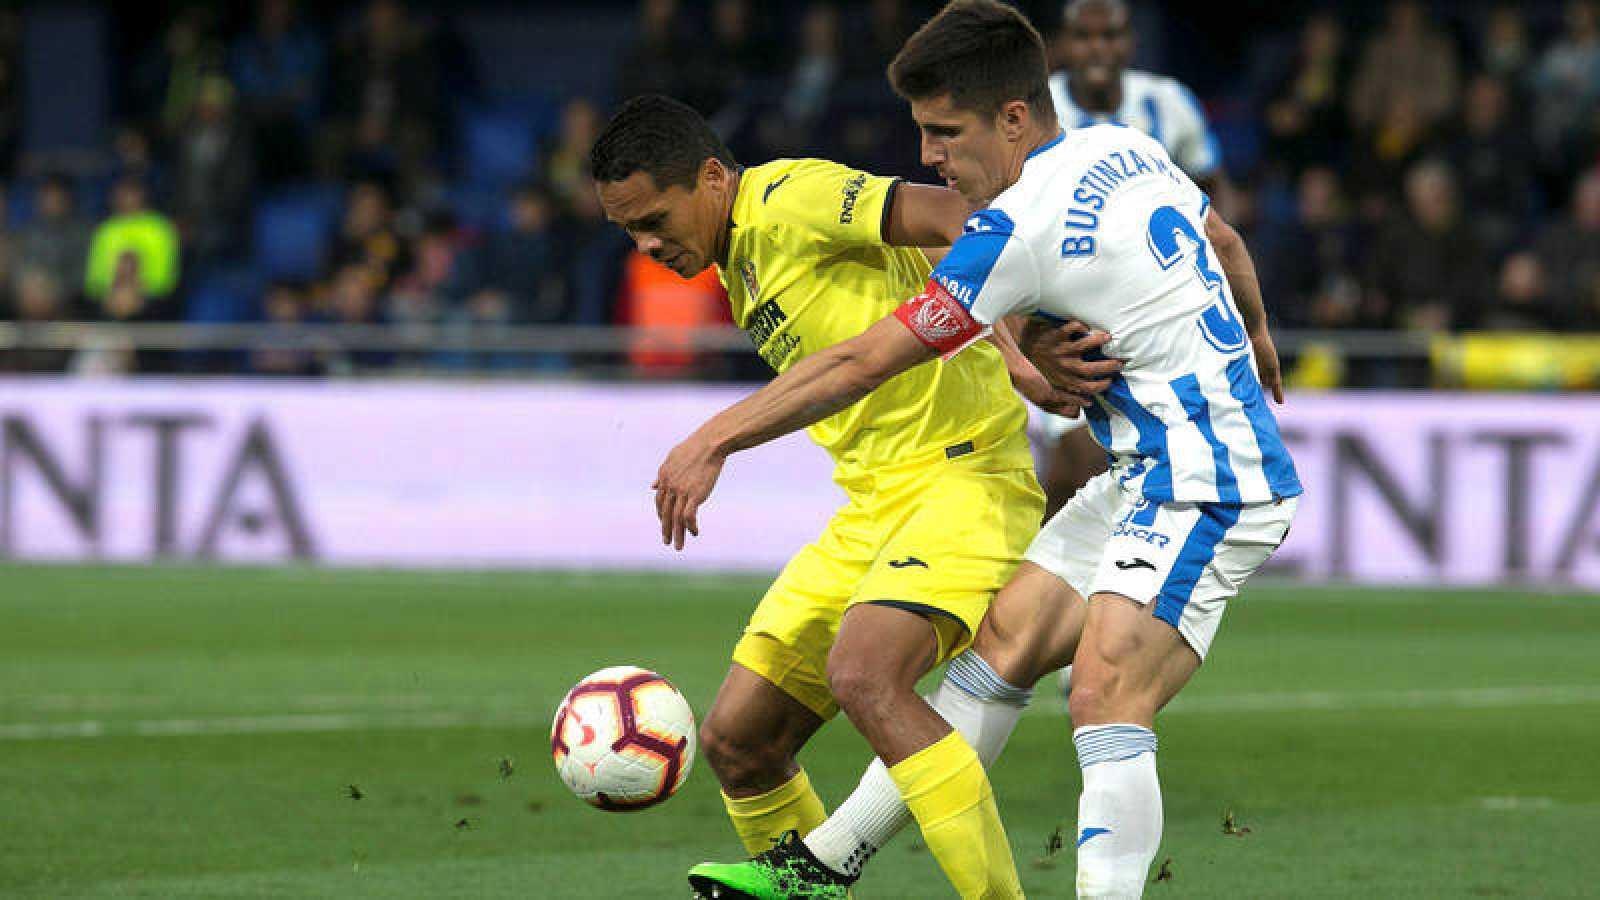 El delantero colombiano del Villarreal Carlos Bacca (i) protege el balón ante Unai Bustinza, del Leganés.